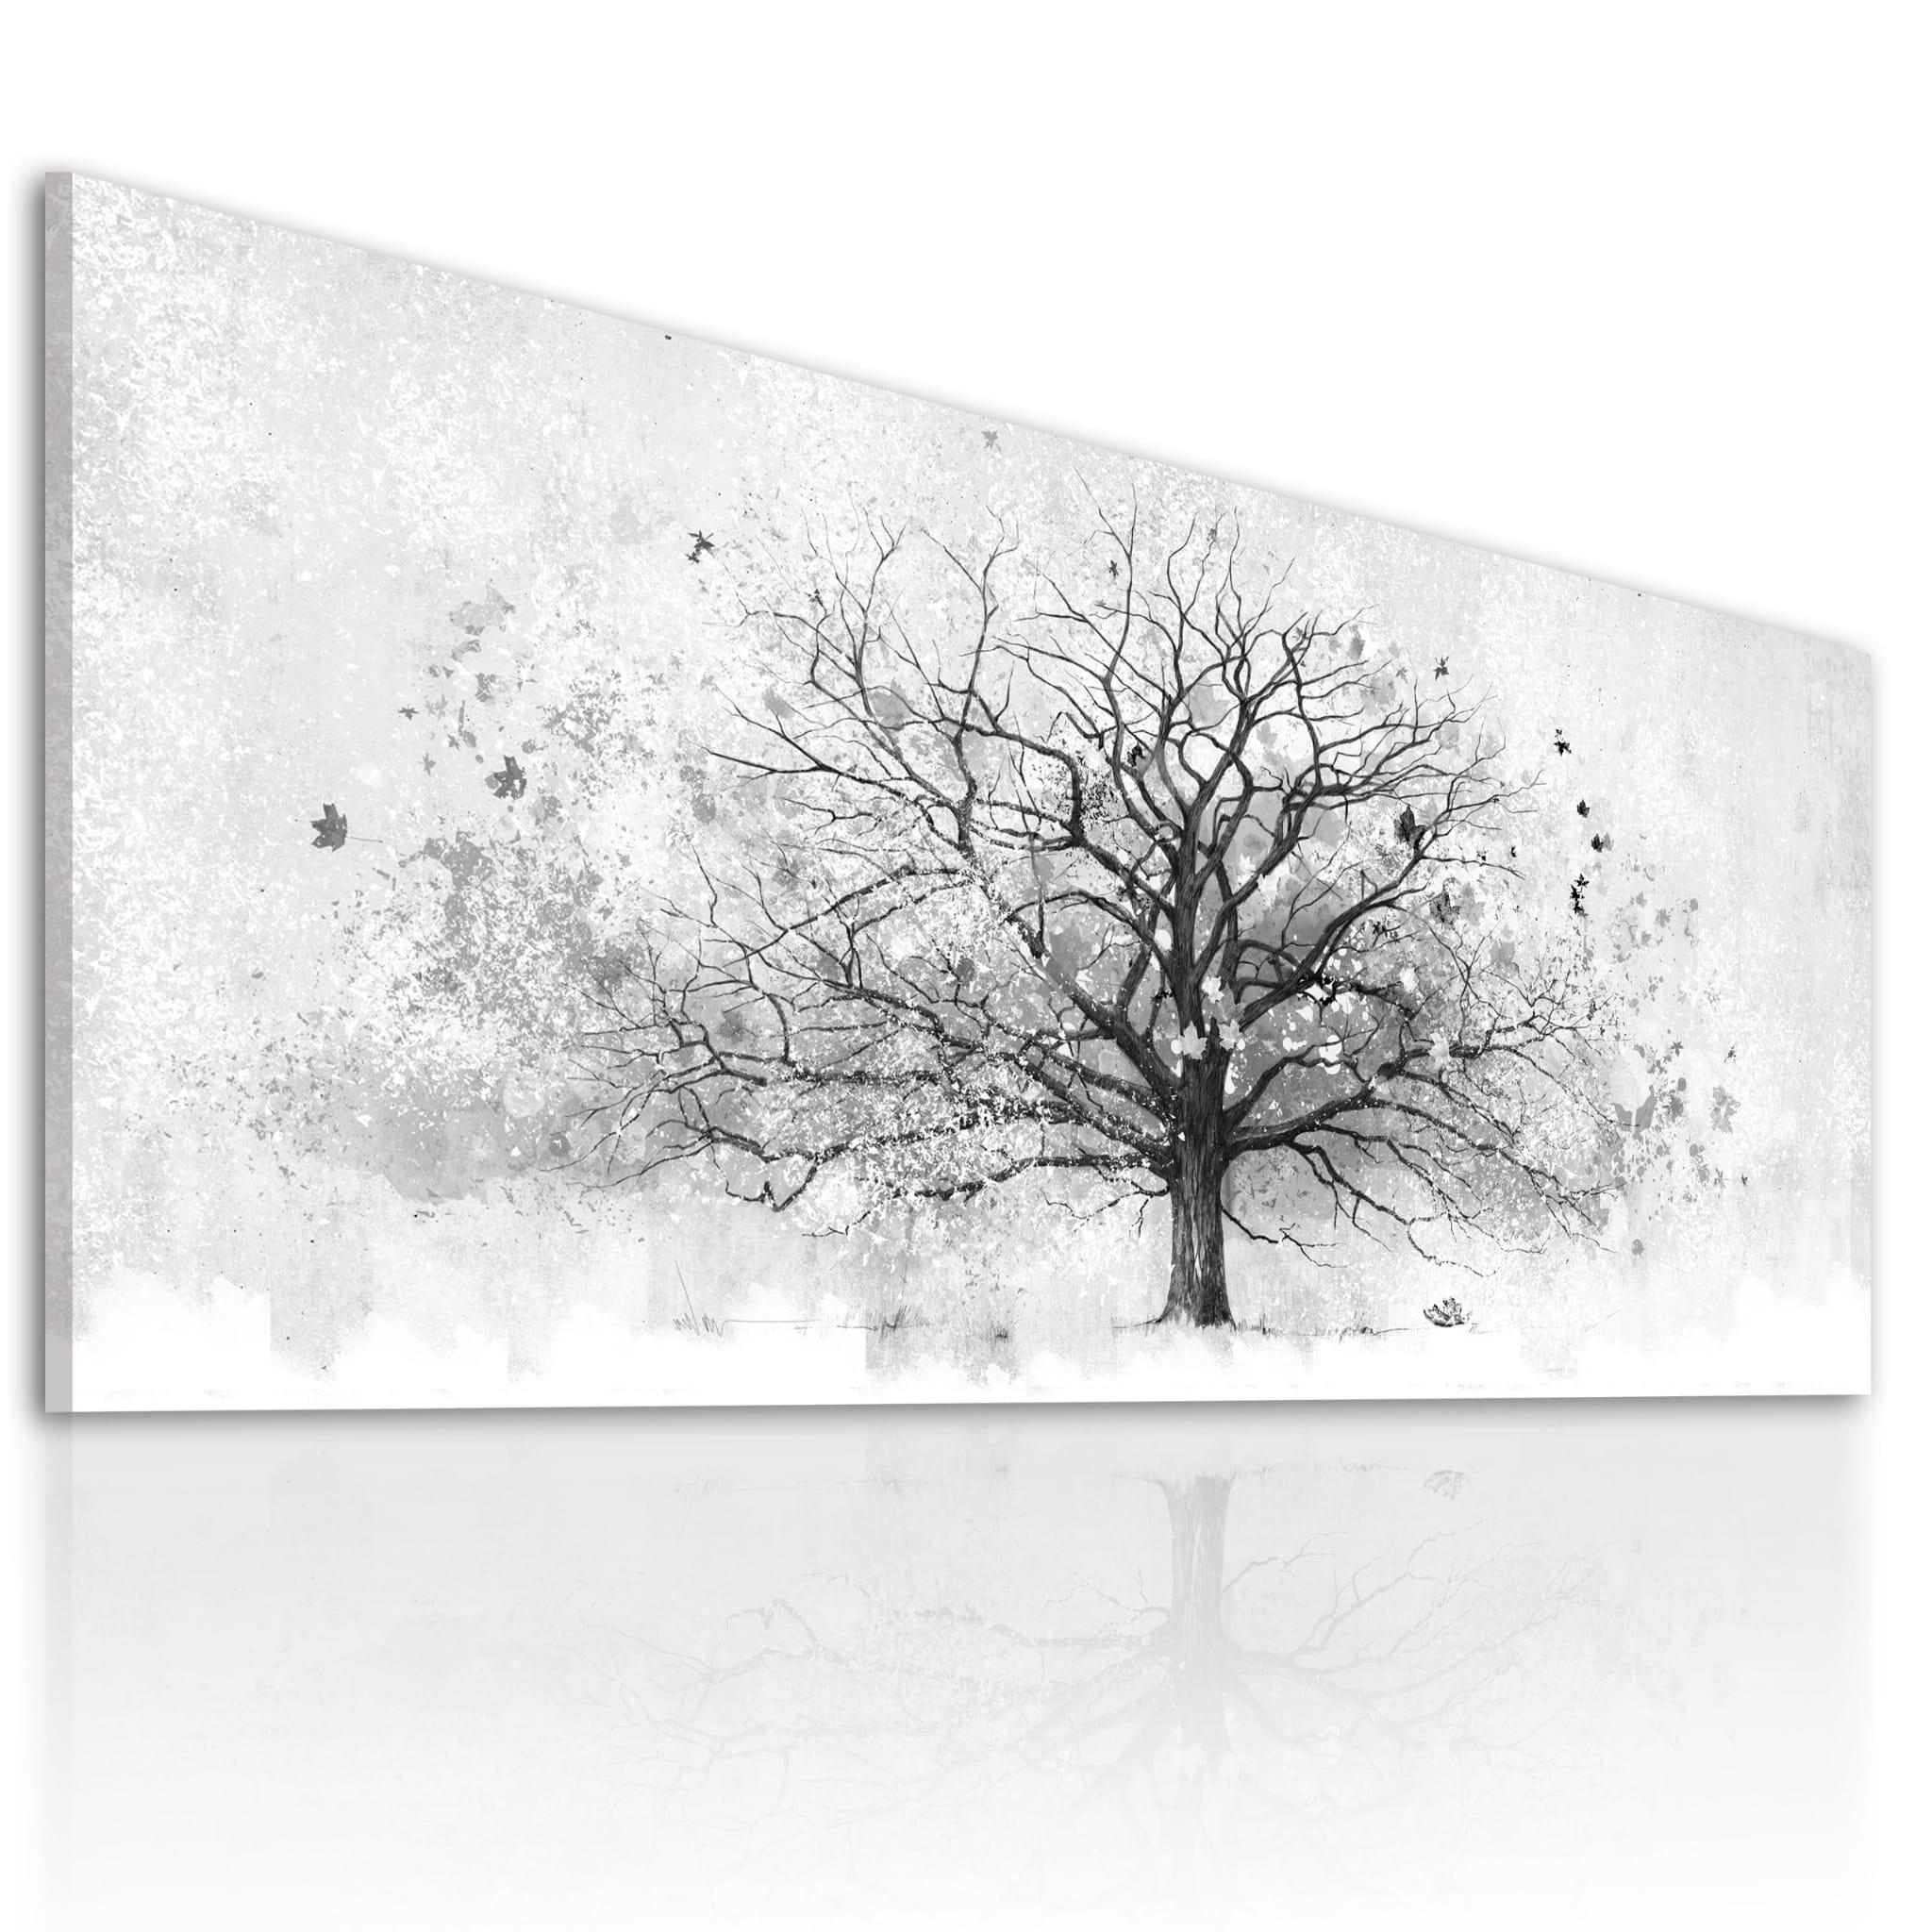 Modne ubrania Nowoczesne drzewo drukowane na płótnie - Abstrakcyjne, czarno TK15